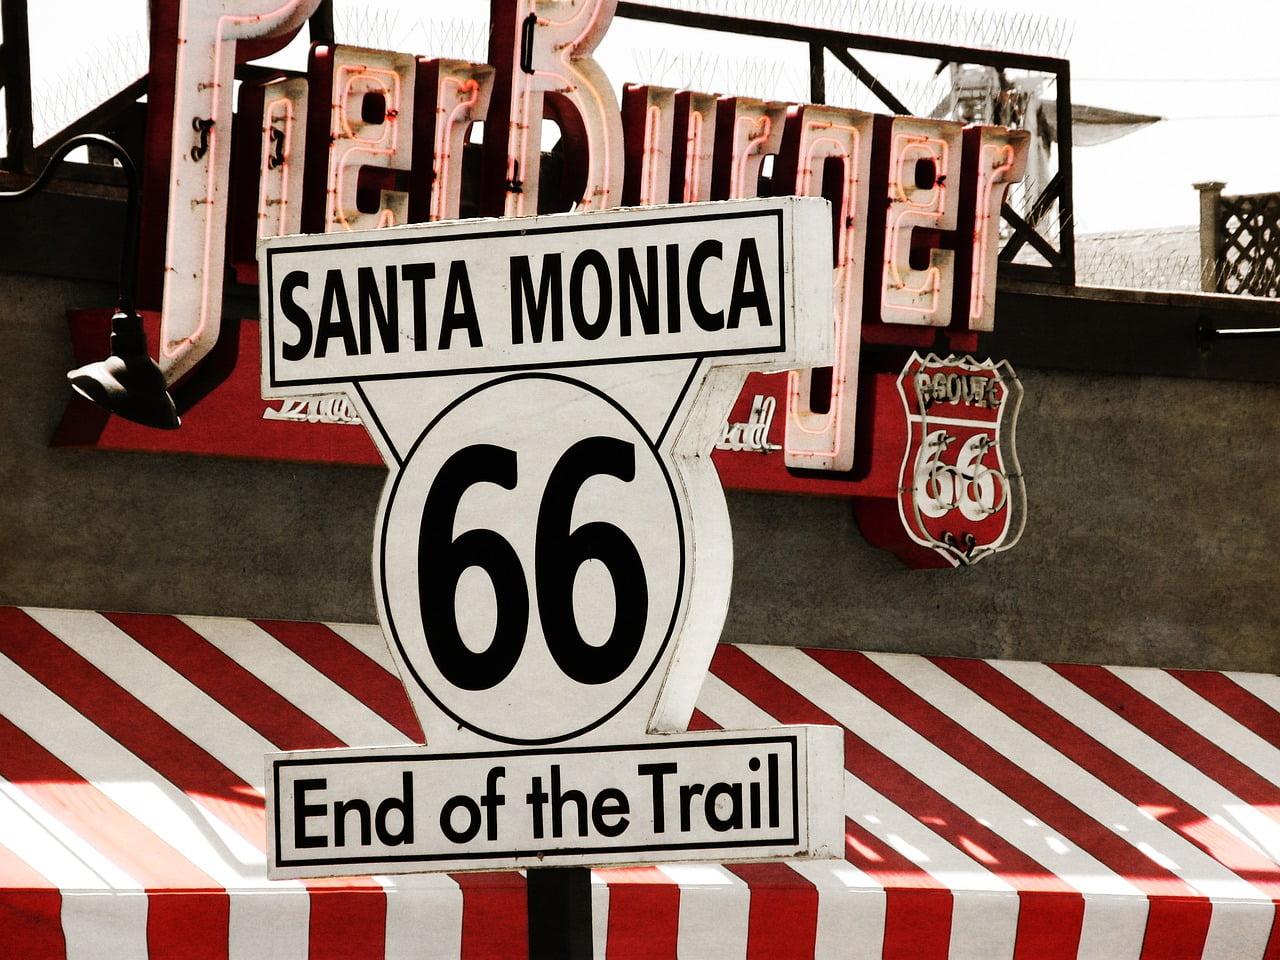 Il molo di Santa Monica. l'iconico pier della costa californiana che segna la fine della Route 66.